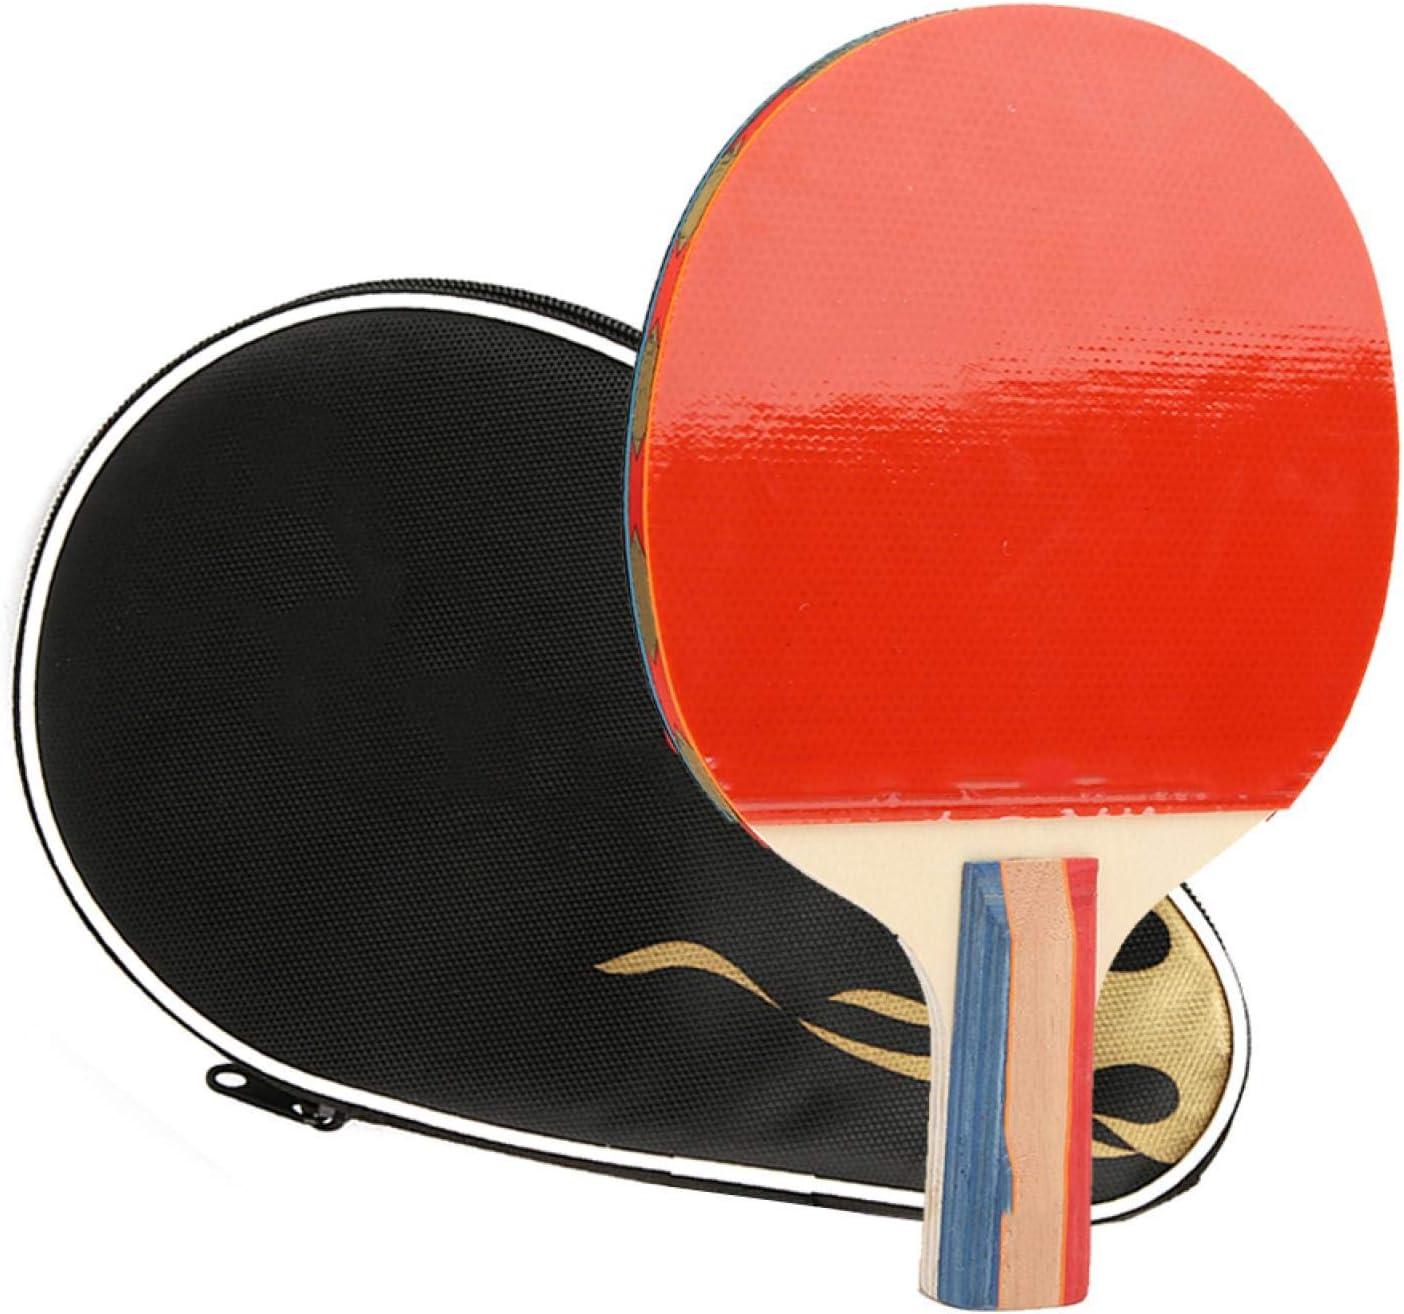 Regalo de Julio con Capa de Esponja Suave Tabla de Madera de Siete Capas Fácil de Transportar y almacenar Bate de Tenis de Mesa de Madera, Paleta de Tenis de Mesa, para Adultos y niños Juegos de In